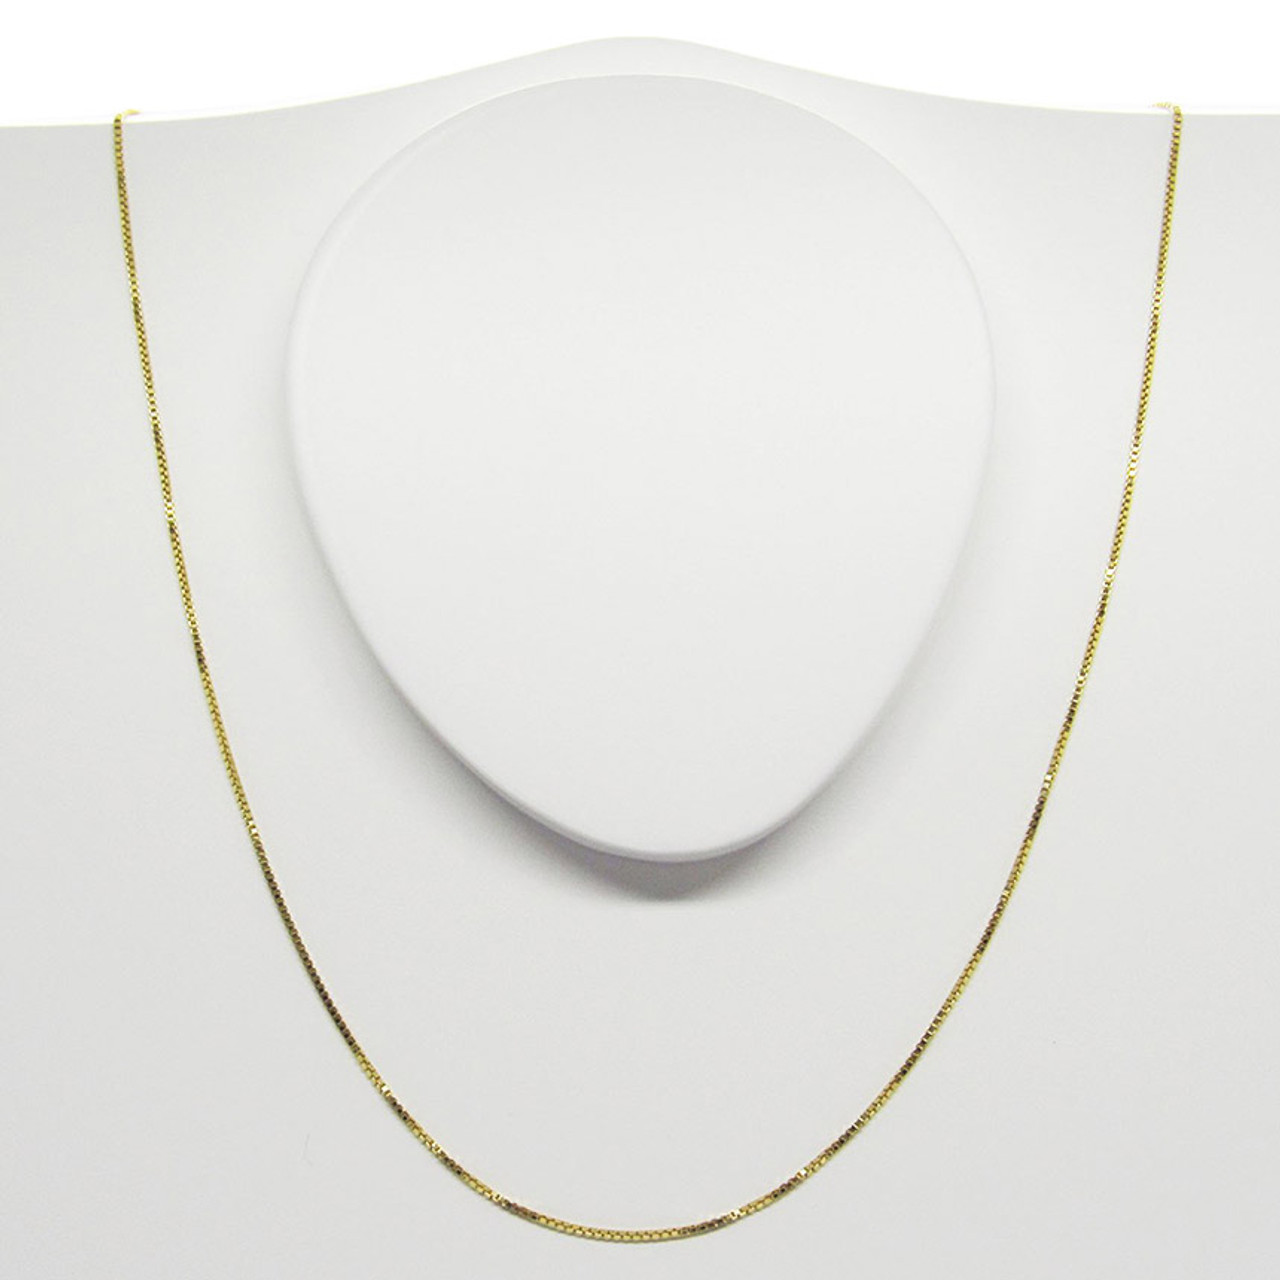 Corrente de ouro 18k Veneziana 1mm com 50cm (CJCO-00000345) 71fe5c5866